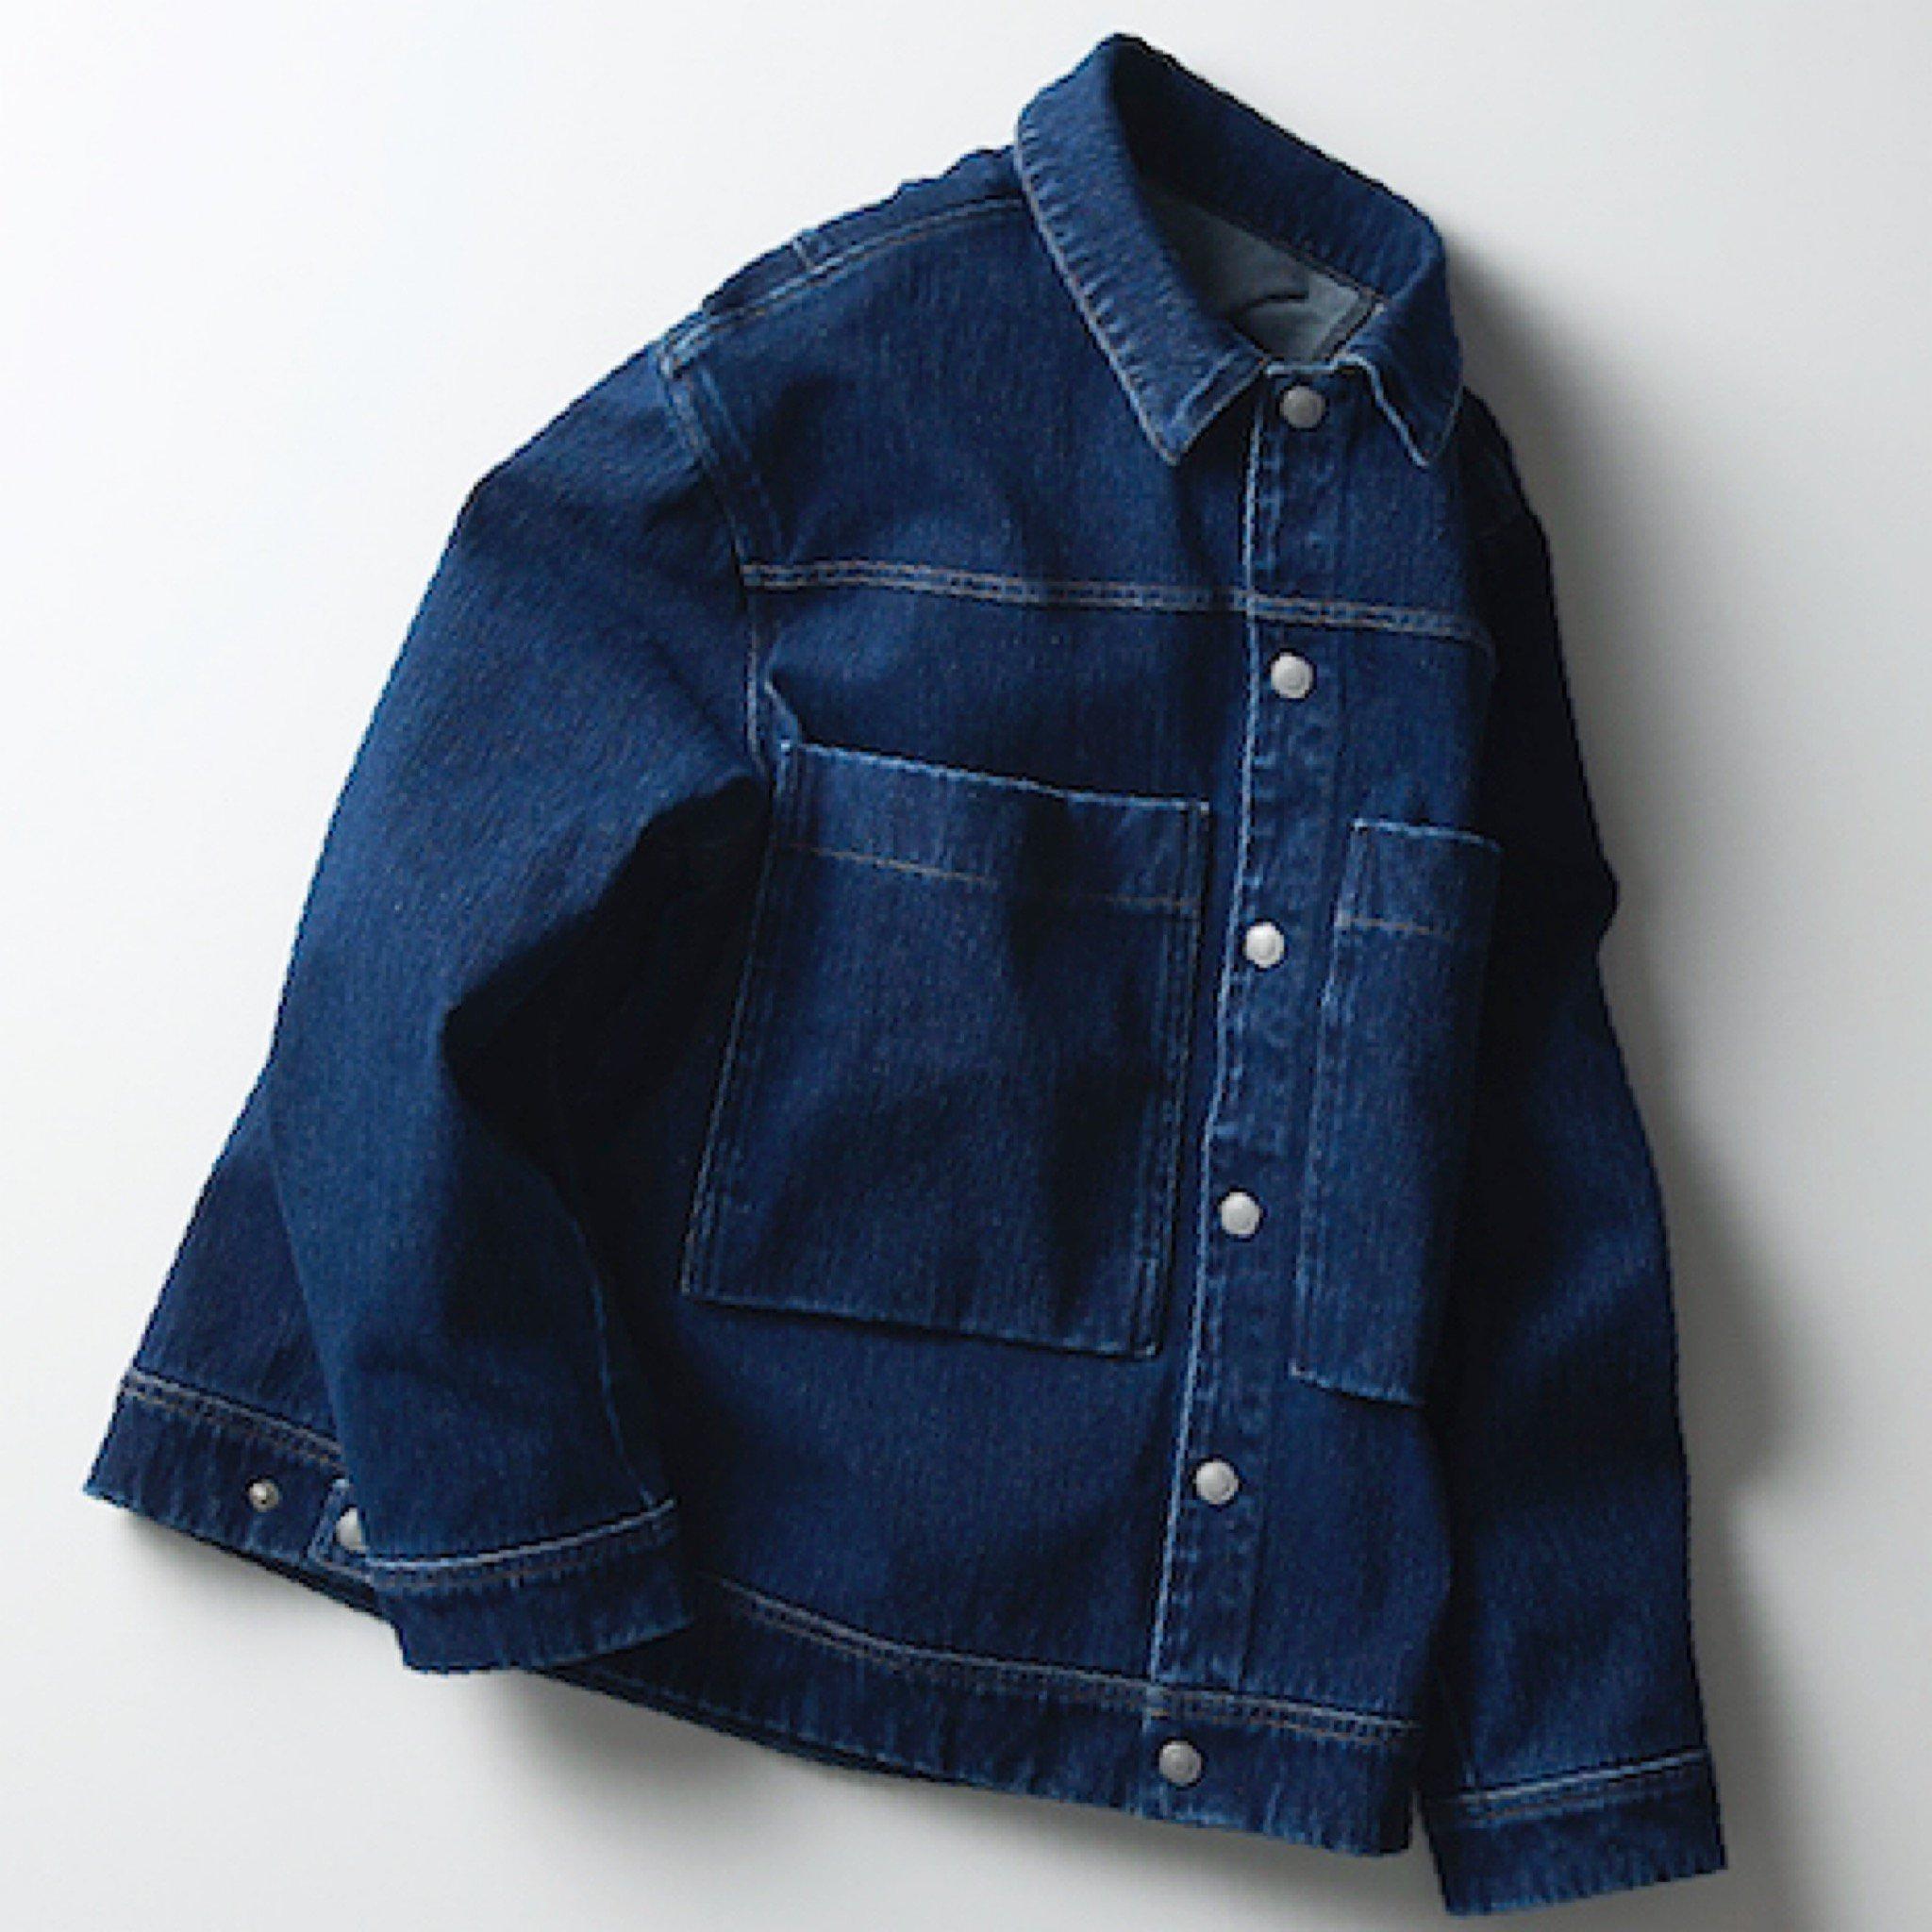 【CURLY】<br>マザリントラッカージャケット